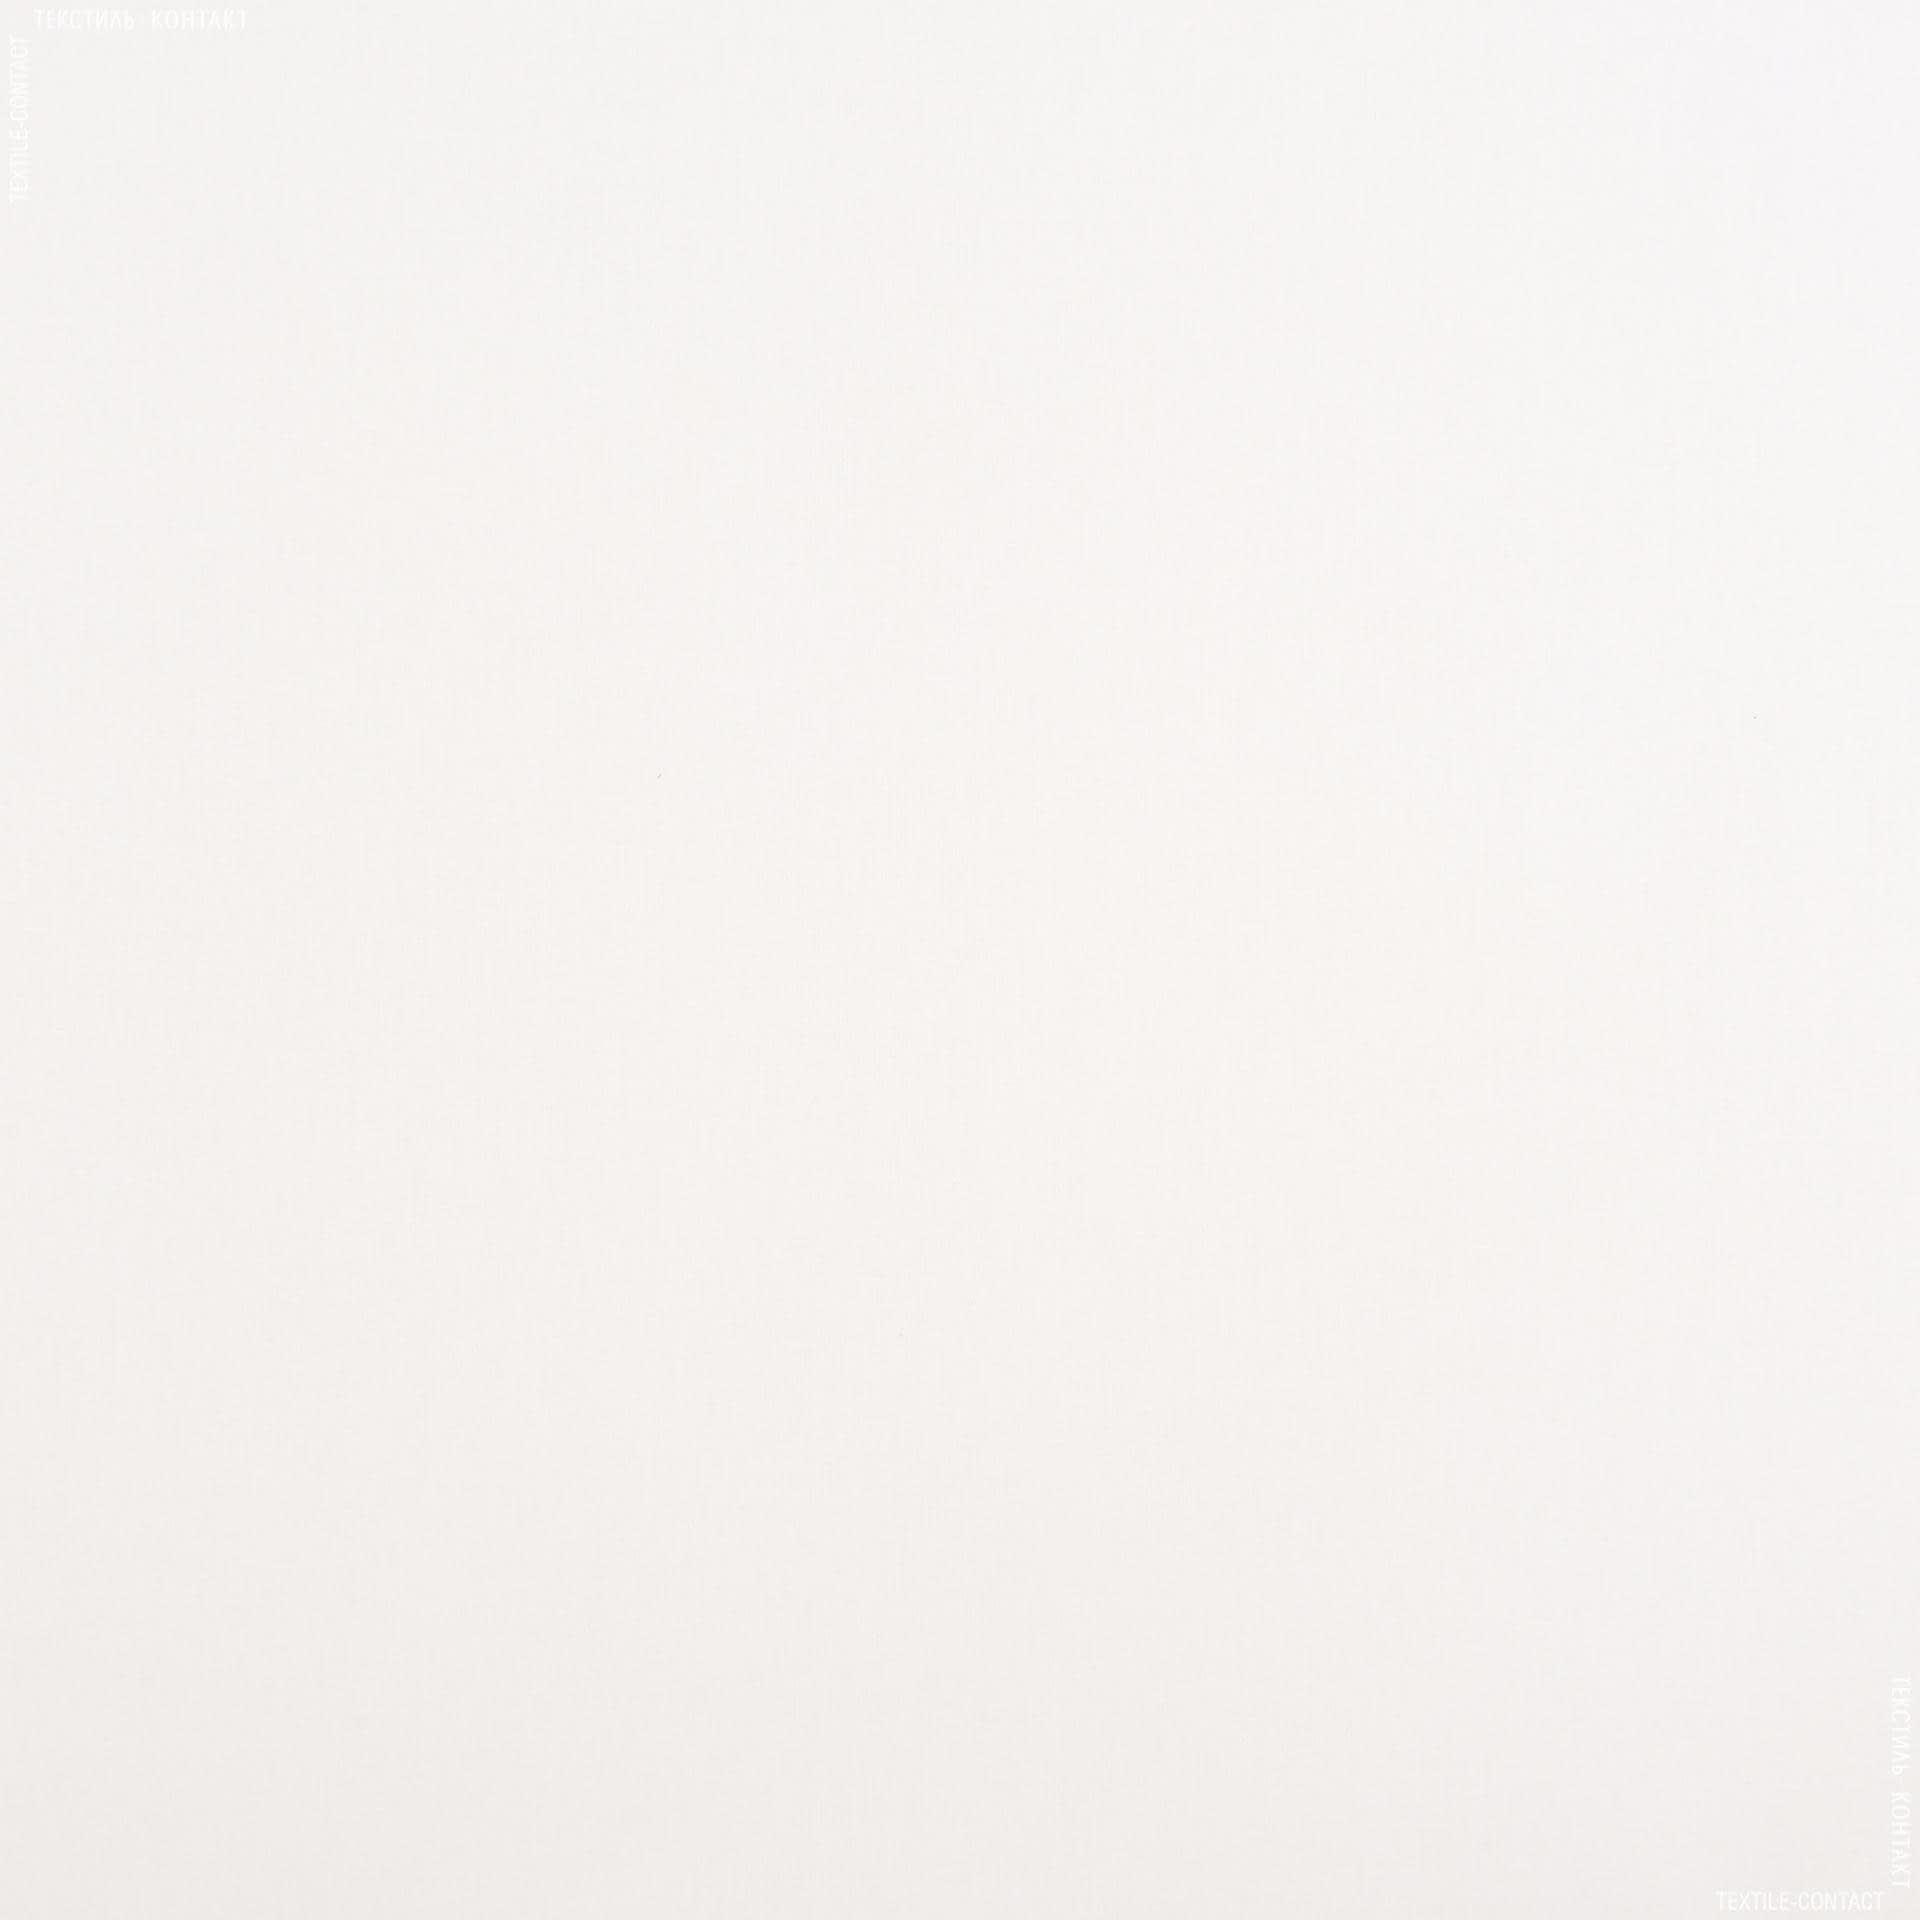 Тканини для спецодягу - Бязь відбілена 3в1-16 ткд